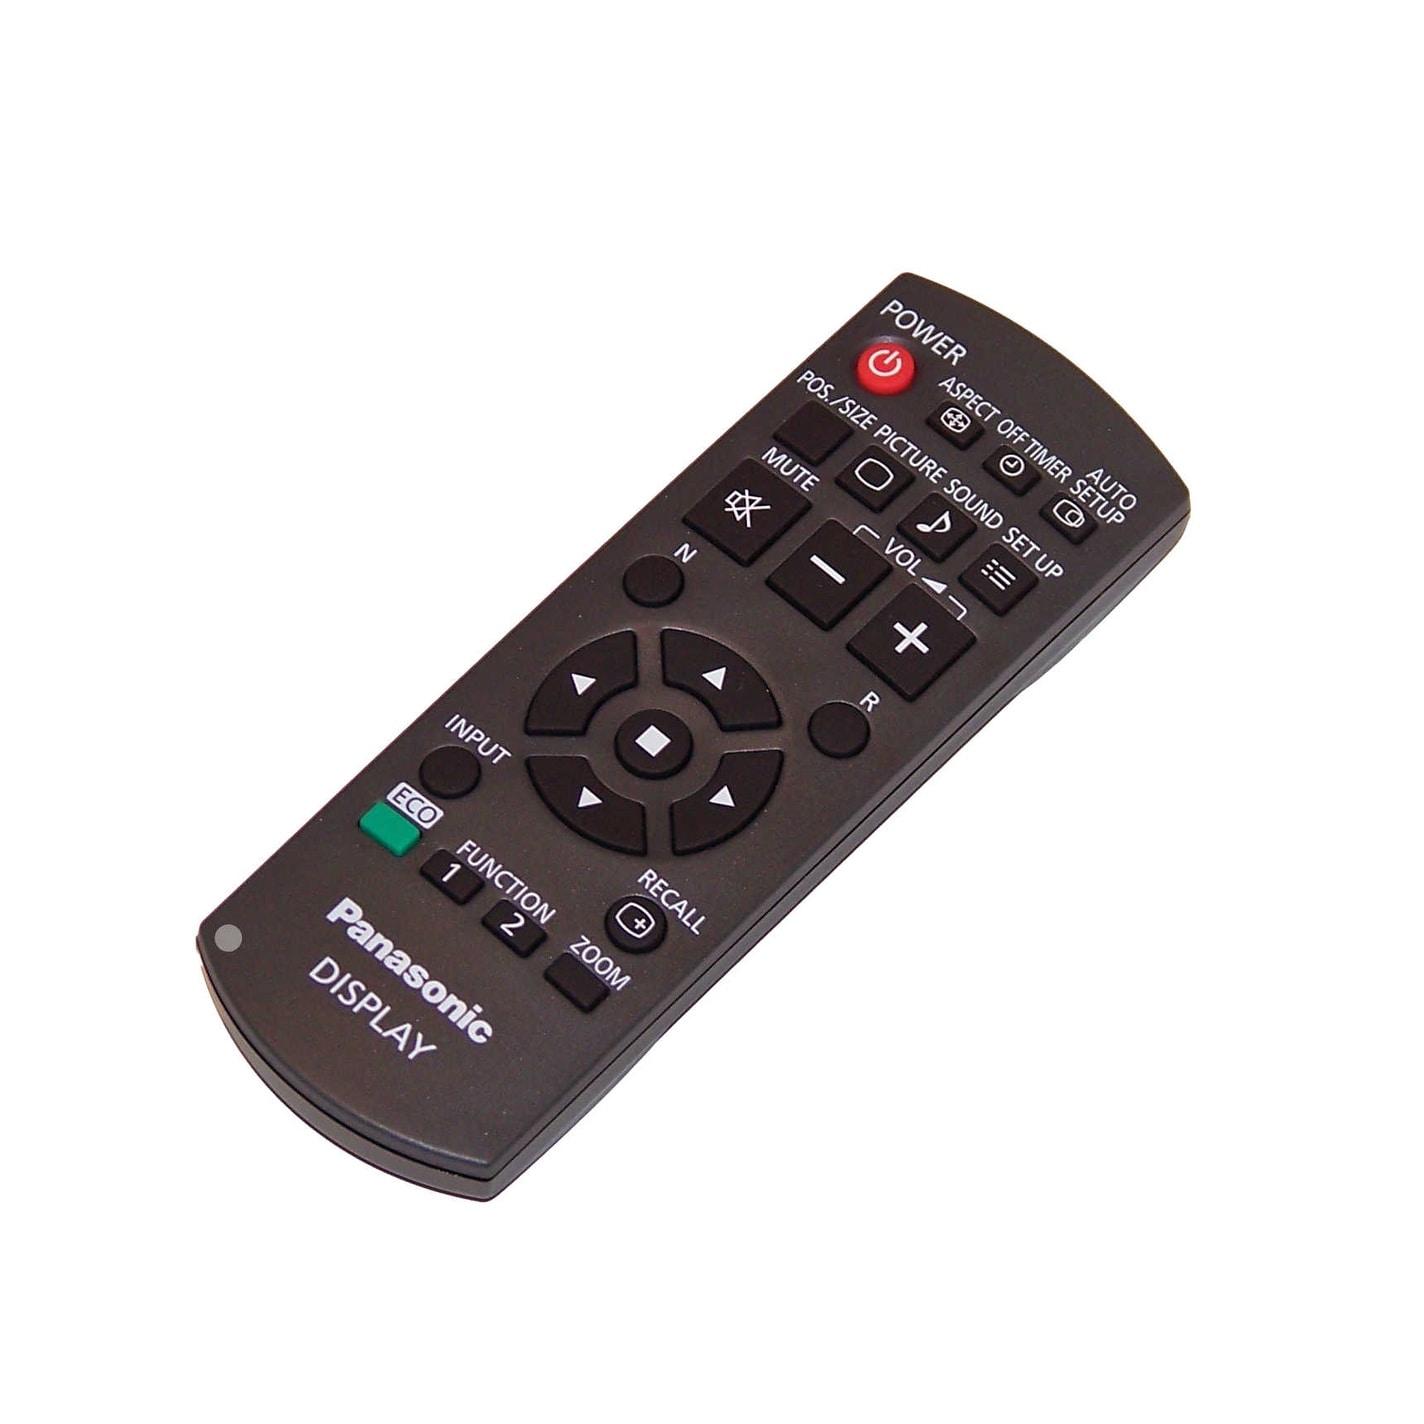 OEM Panasonic Remote Control Originally Shipped with: TH-65PB2U TH-70LF50U TH-80BF1U TH-80LF50 TH-70LF50 TH-80BF1